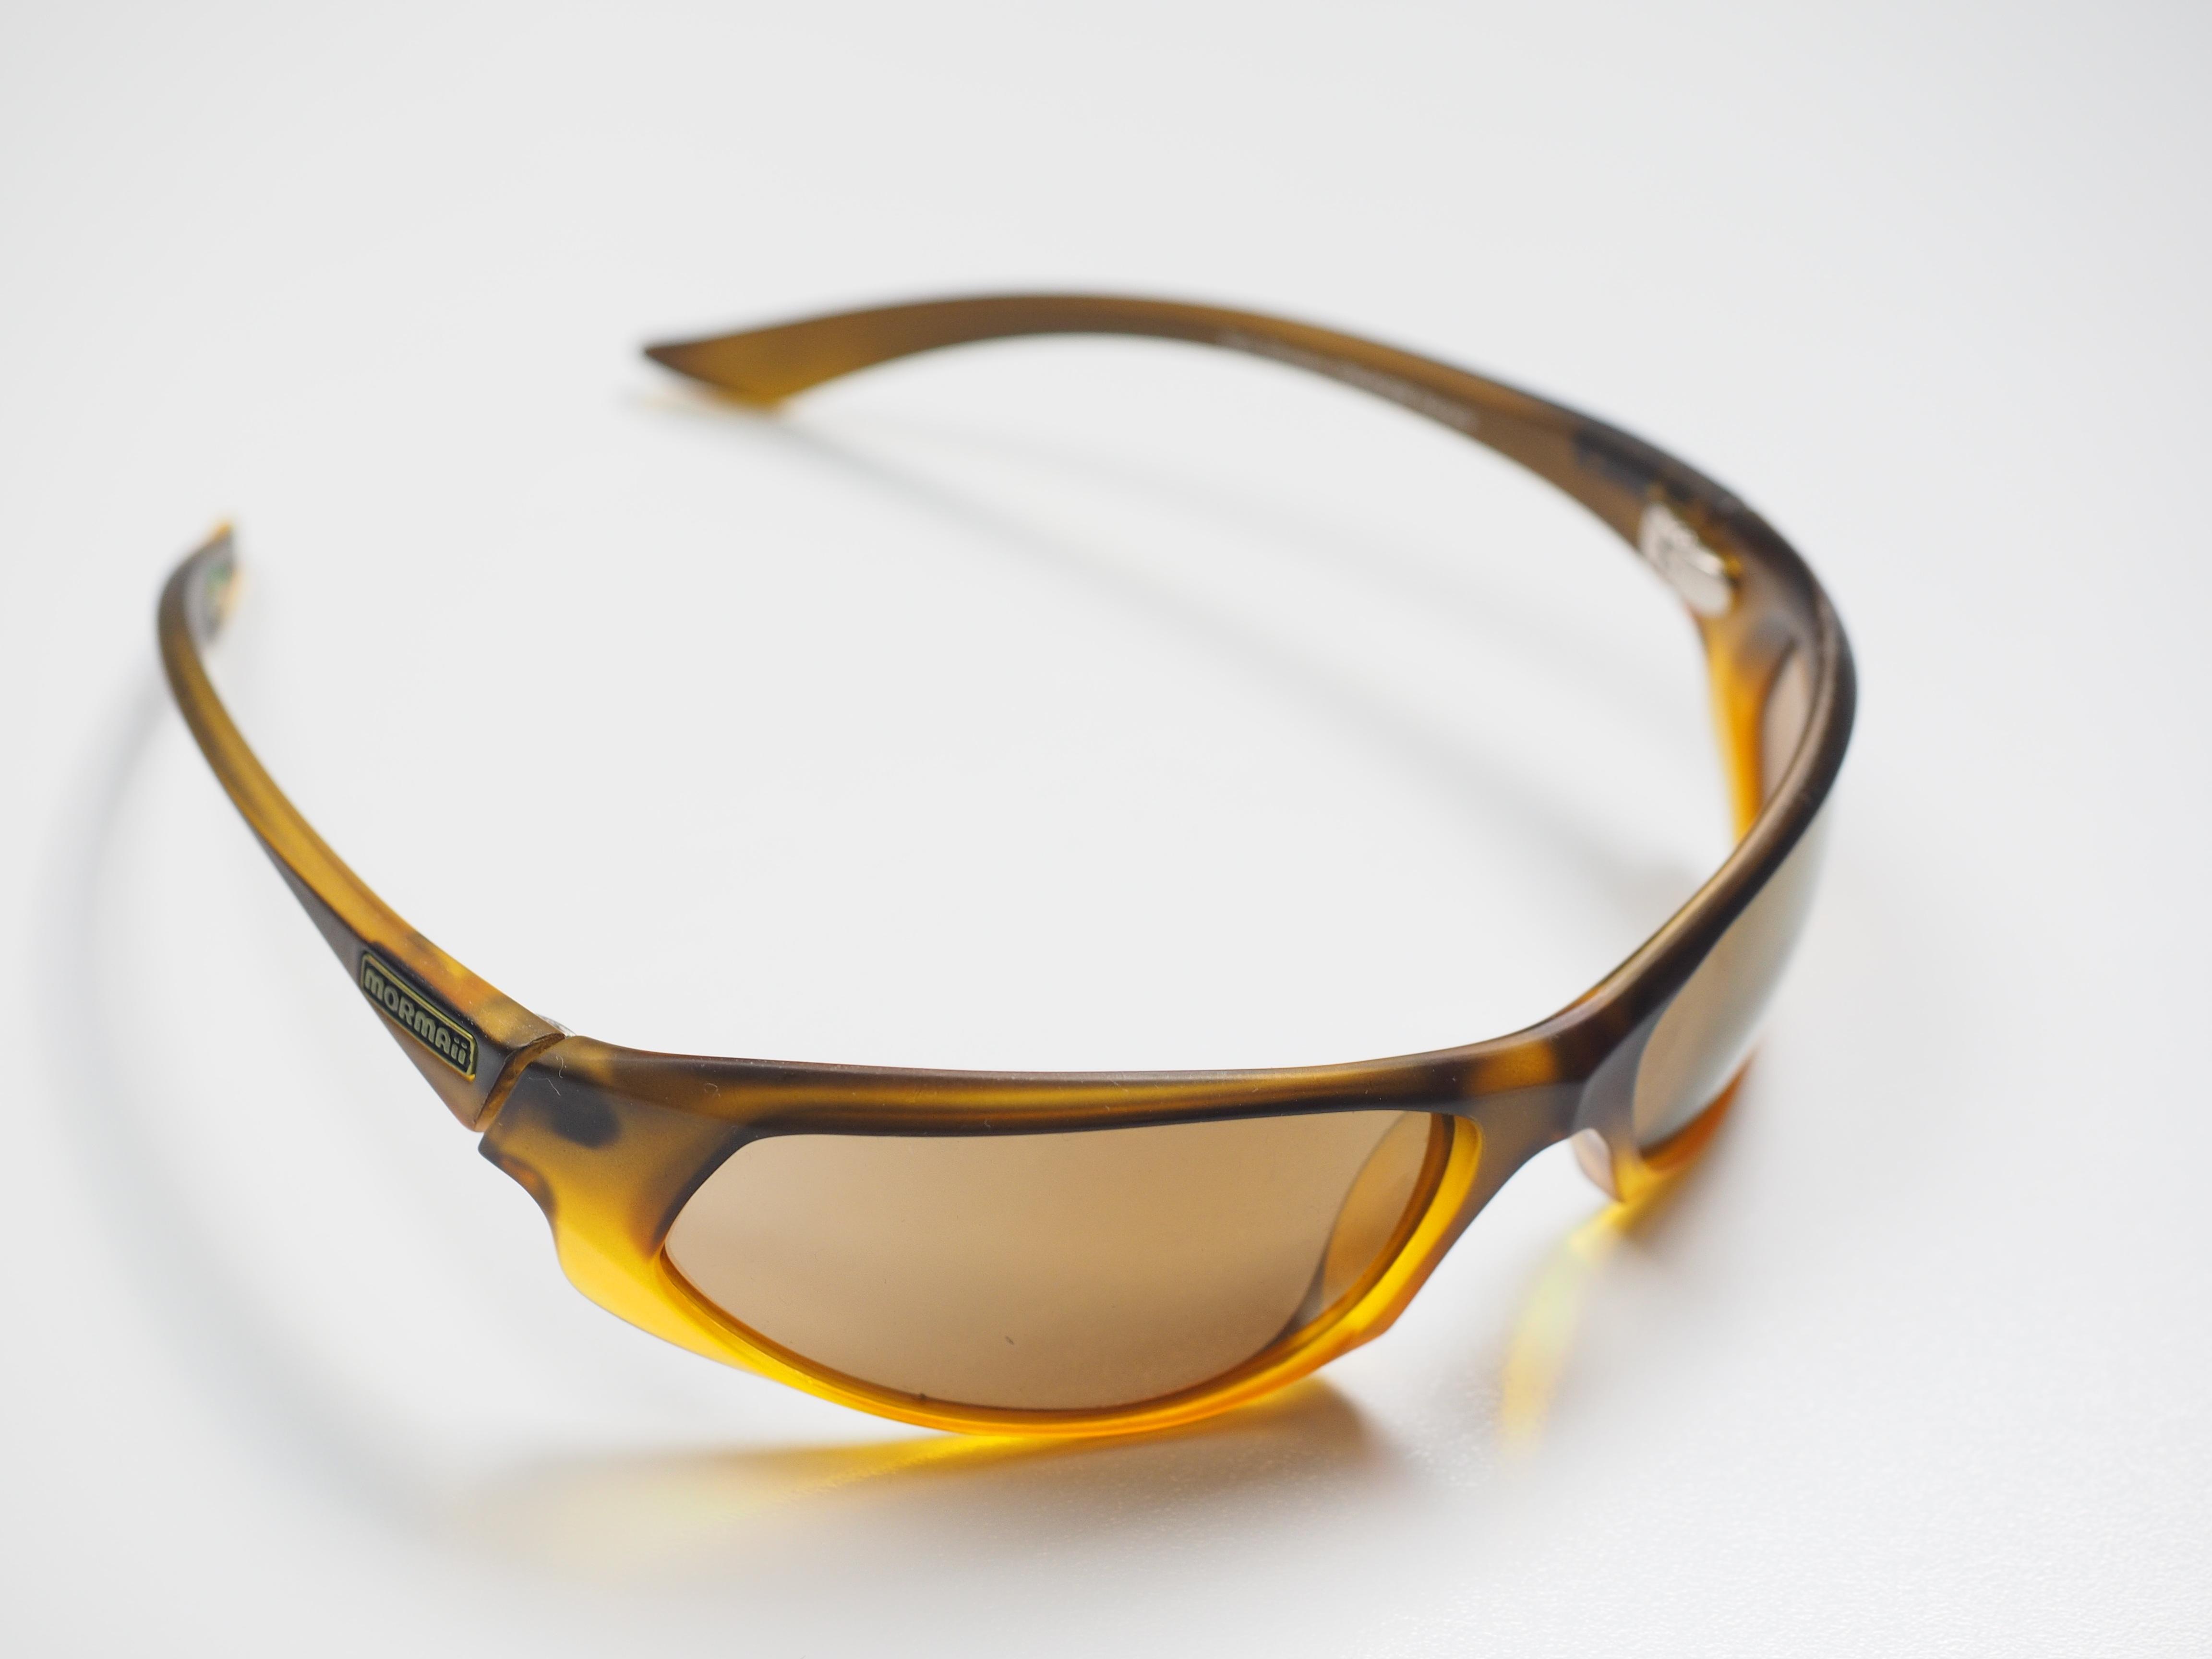 796fa9c386507 ... de sol, gafas de protección, Teñido, ver, lentes, accesorio, Sehhilfe,  de moda, oscurecer, protección para los ojos, Correa para gafas, Gafas de  marca, ...